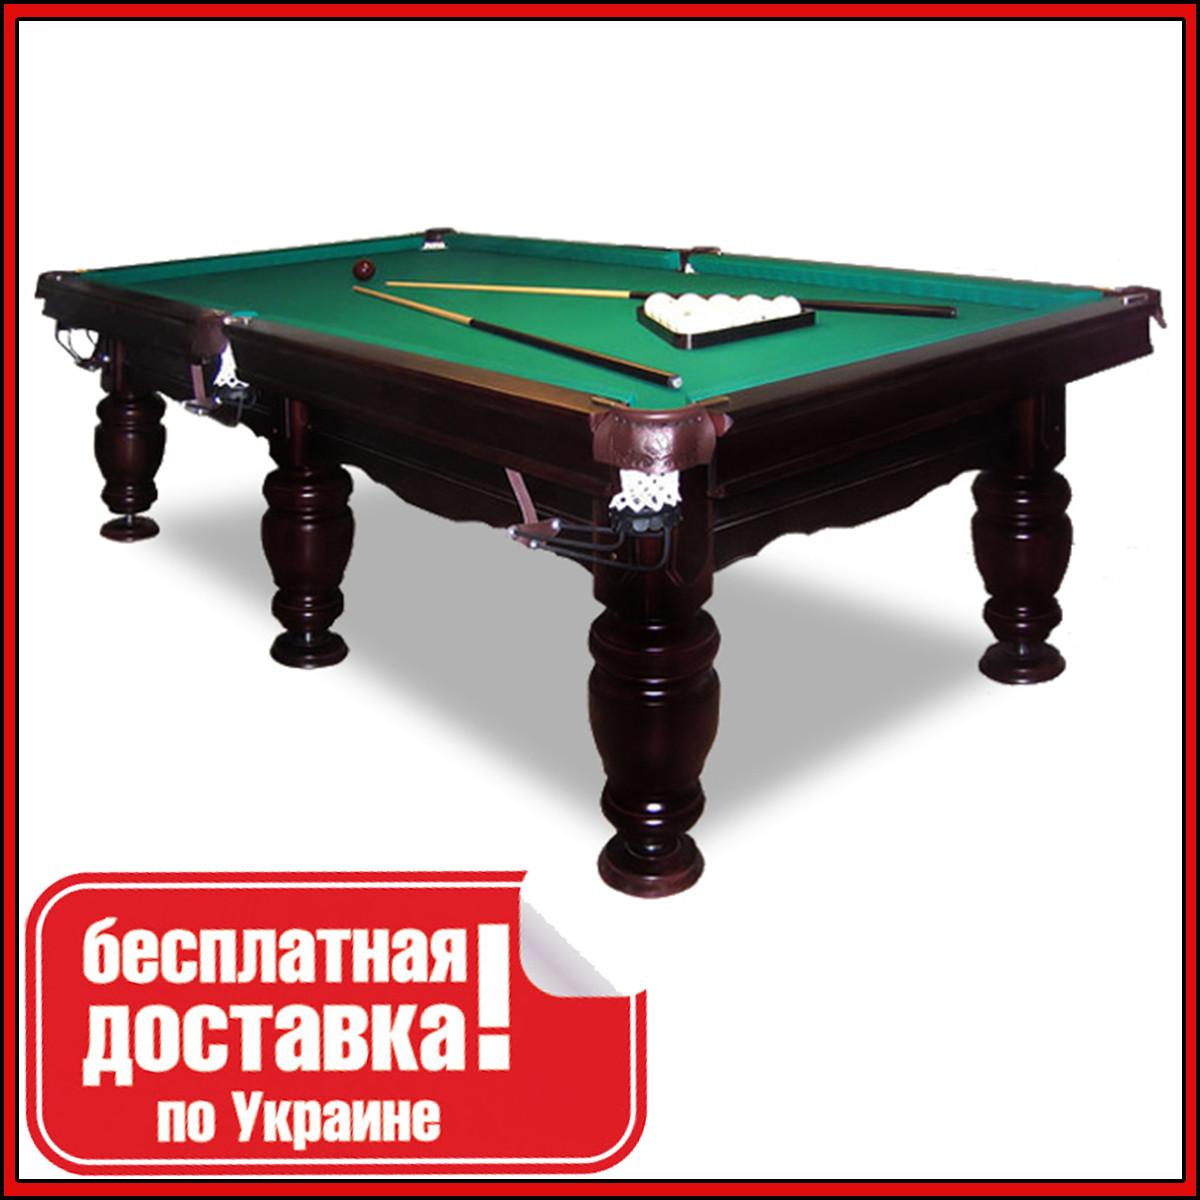 Бильярдный стол Ферзь снукер 12 футов Ардезия 3.6 м х 1.8 м из натурального дерева